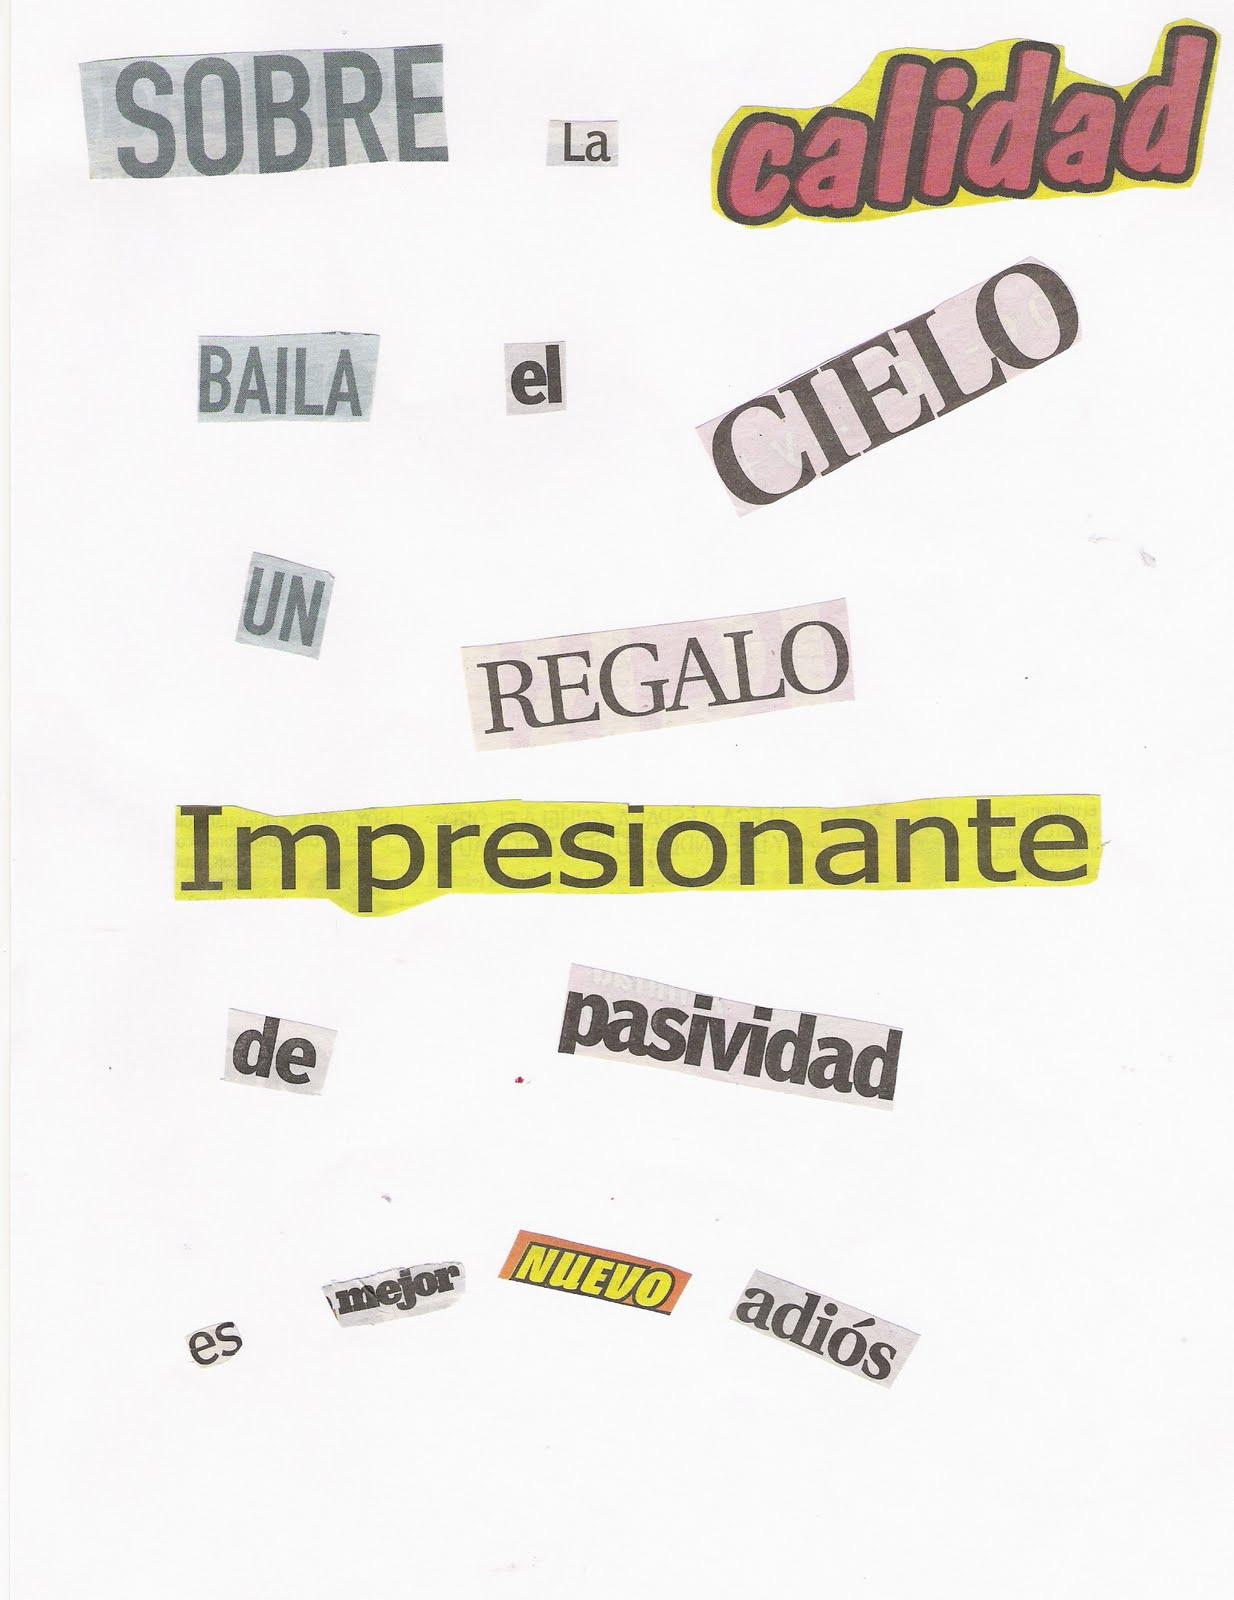 Garcilazomolamazo: Poemas dadaístas en una hora